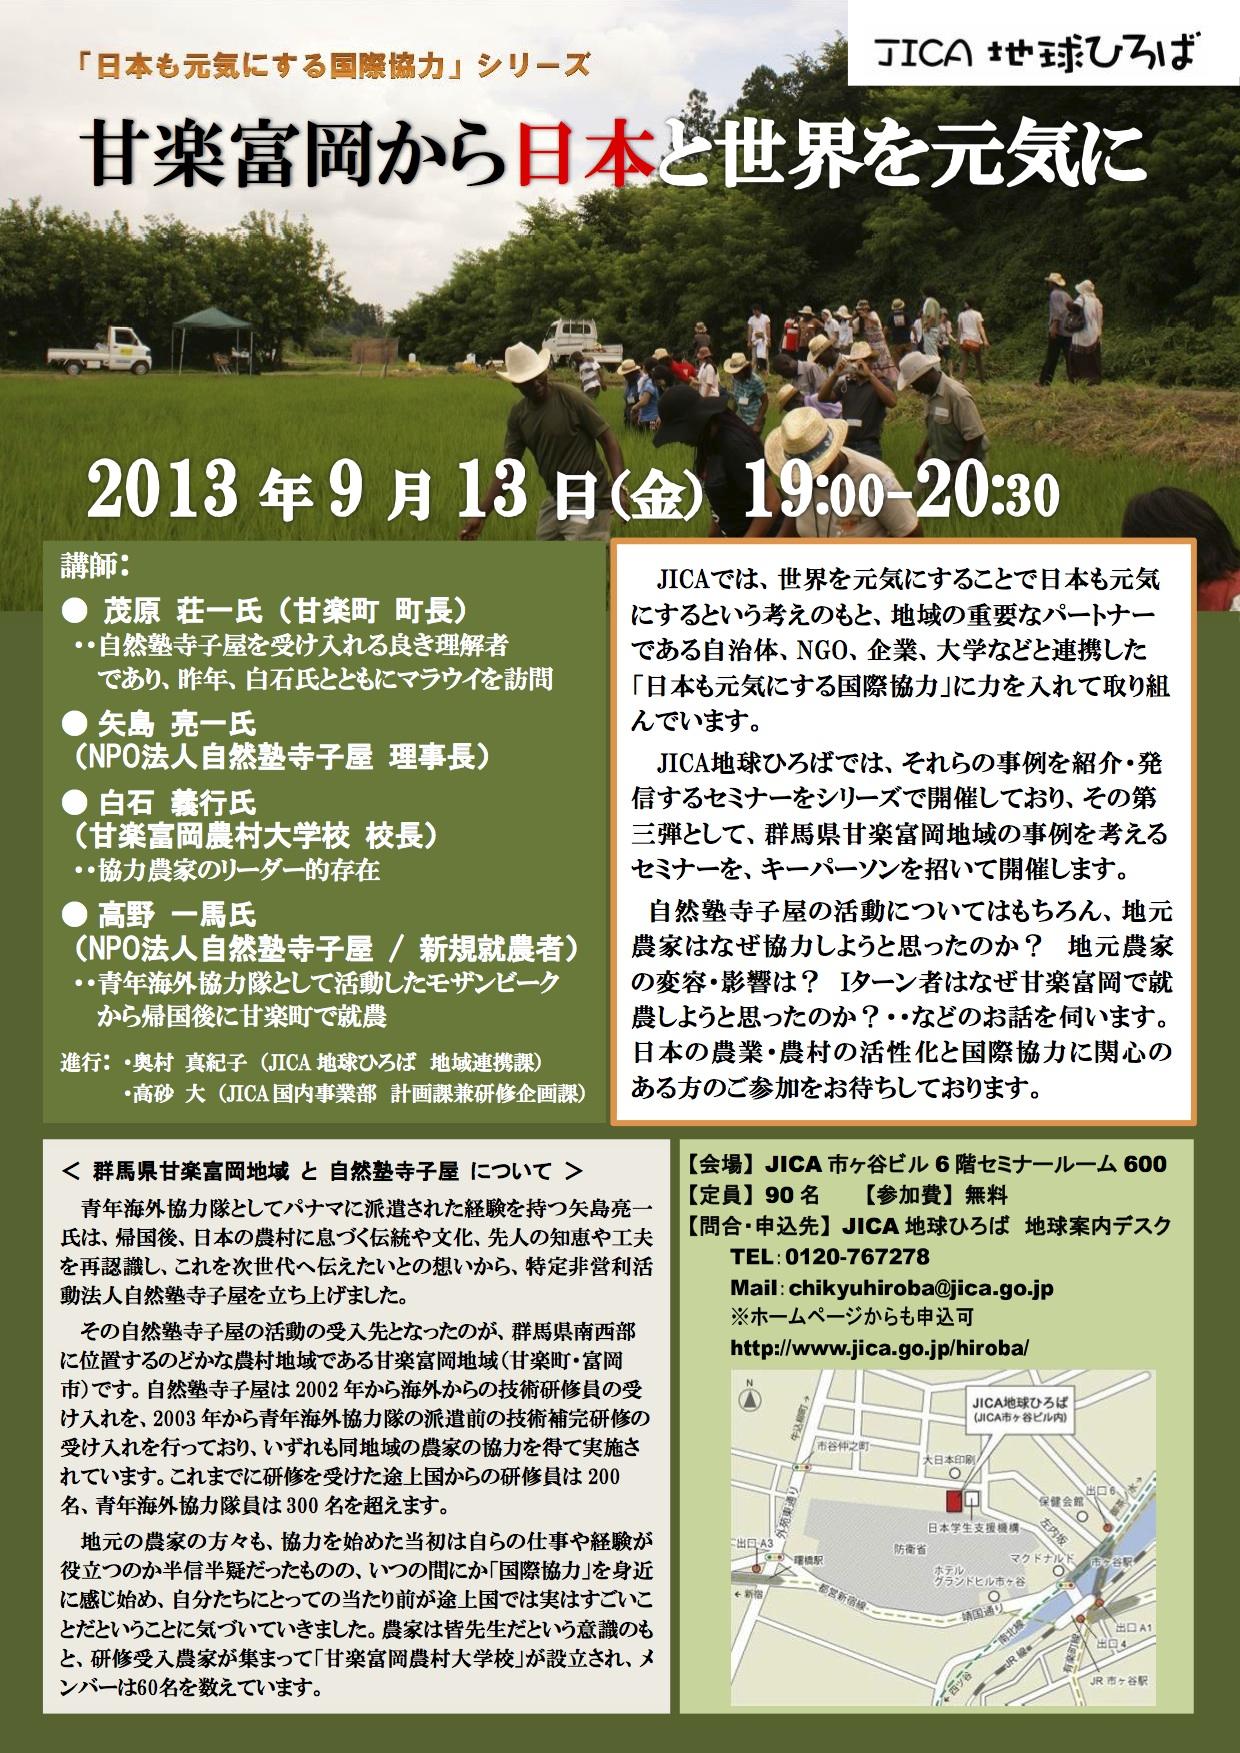 「日本も元気にする国際協力」シリーズ:甘楽富岡から日本と世界を元気に